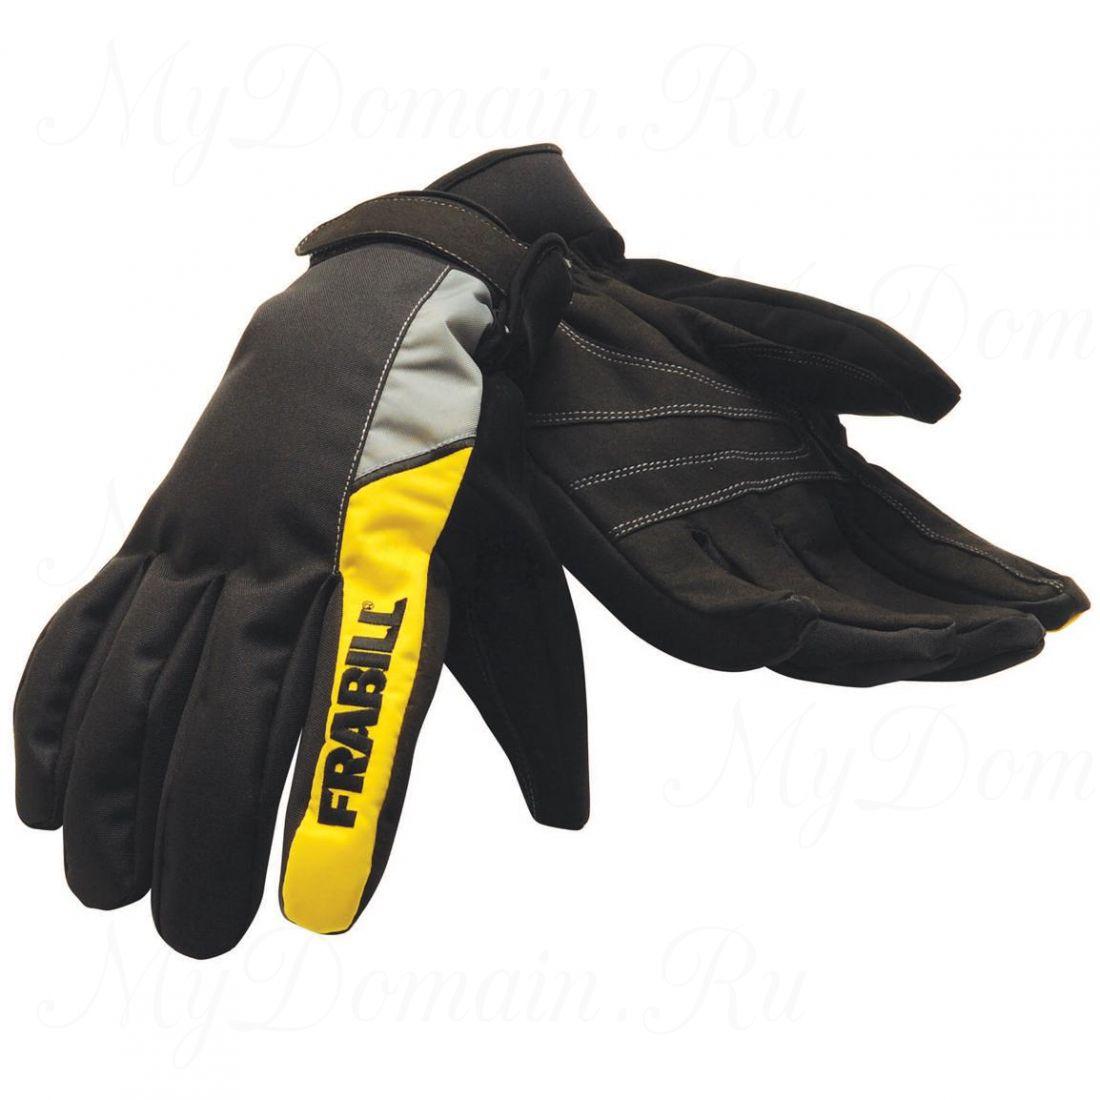 Перчатки Frabill Task Glove водо/ветрозащитные дышащие черные размер S